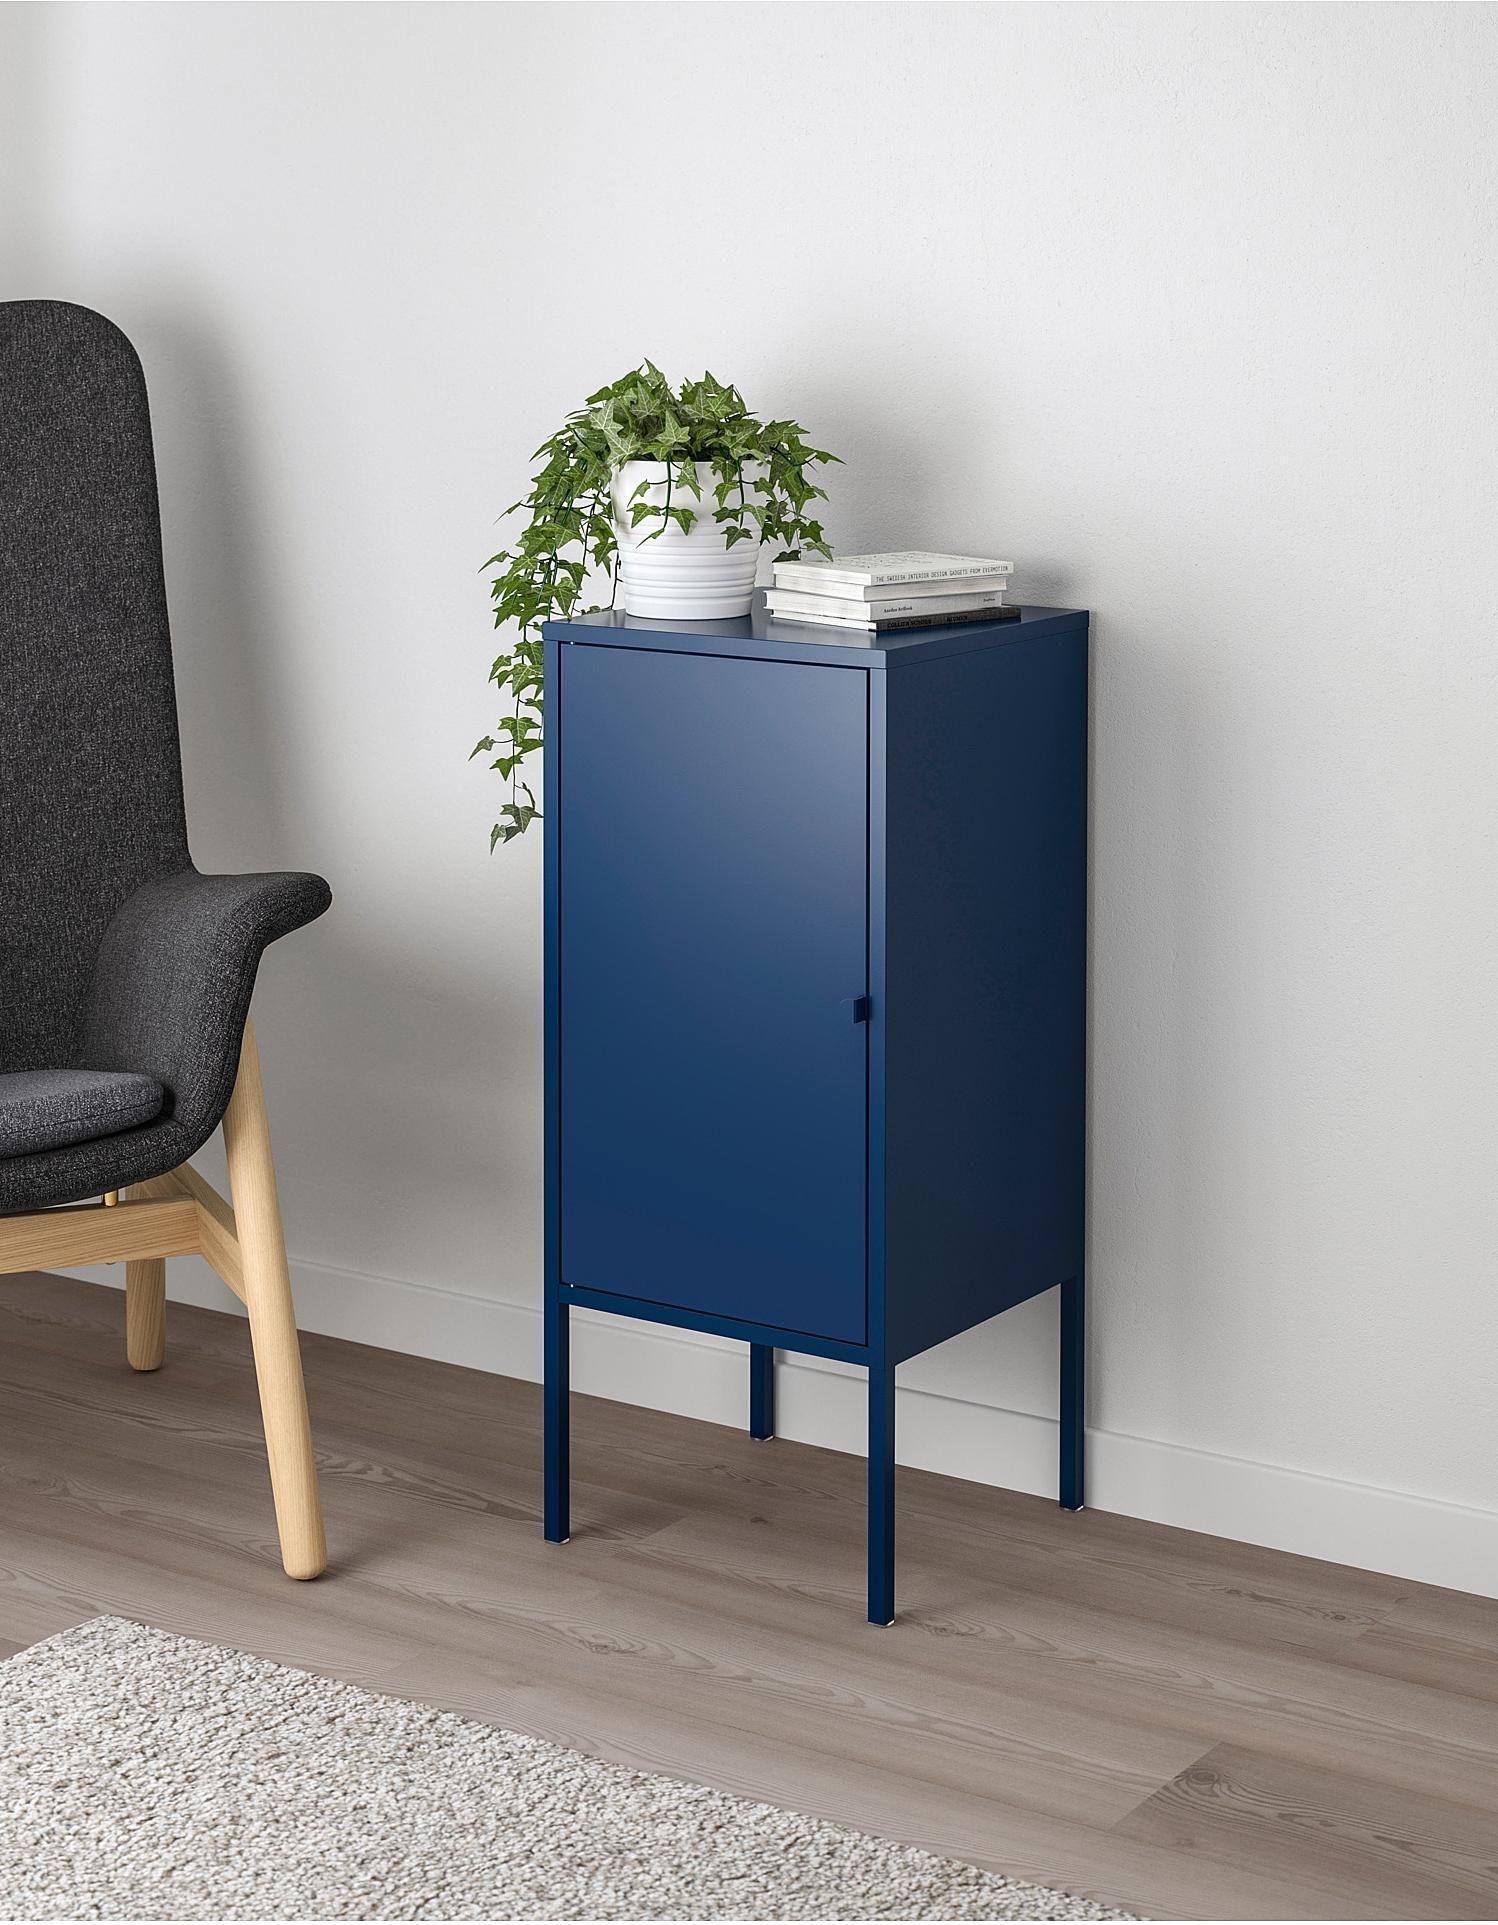 soldes ikea t 2018 5 pi ces shopper elle d coration. Black Bedroom Furniture Sets. Home Design Ideas